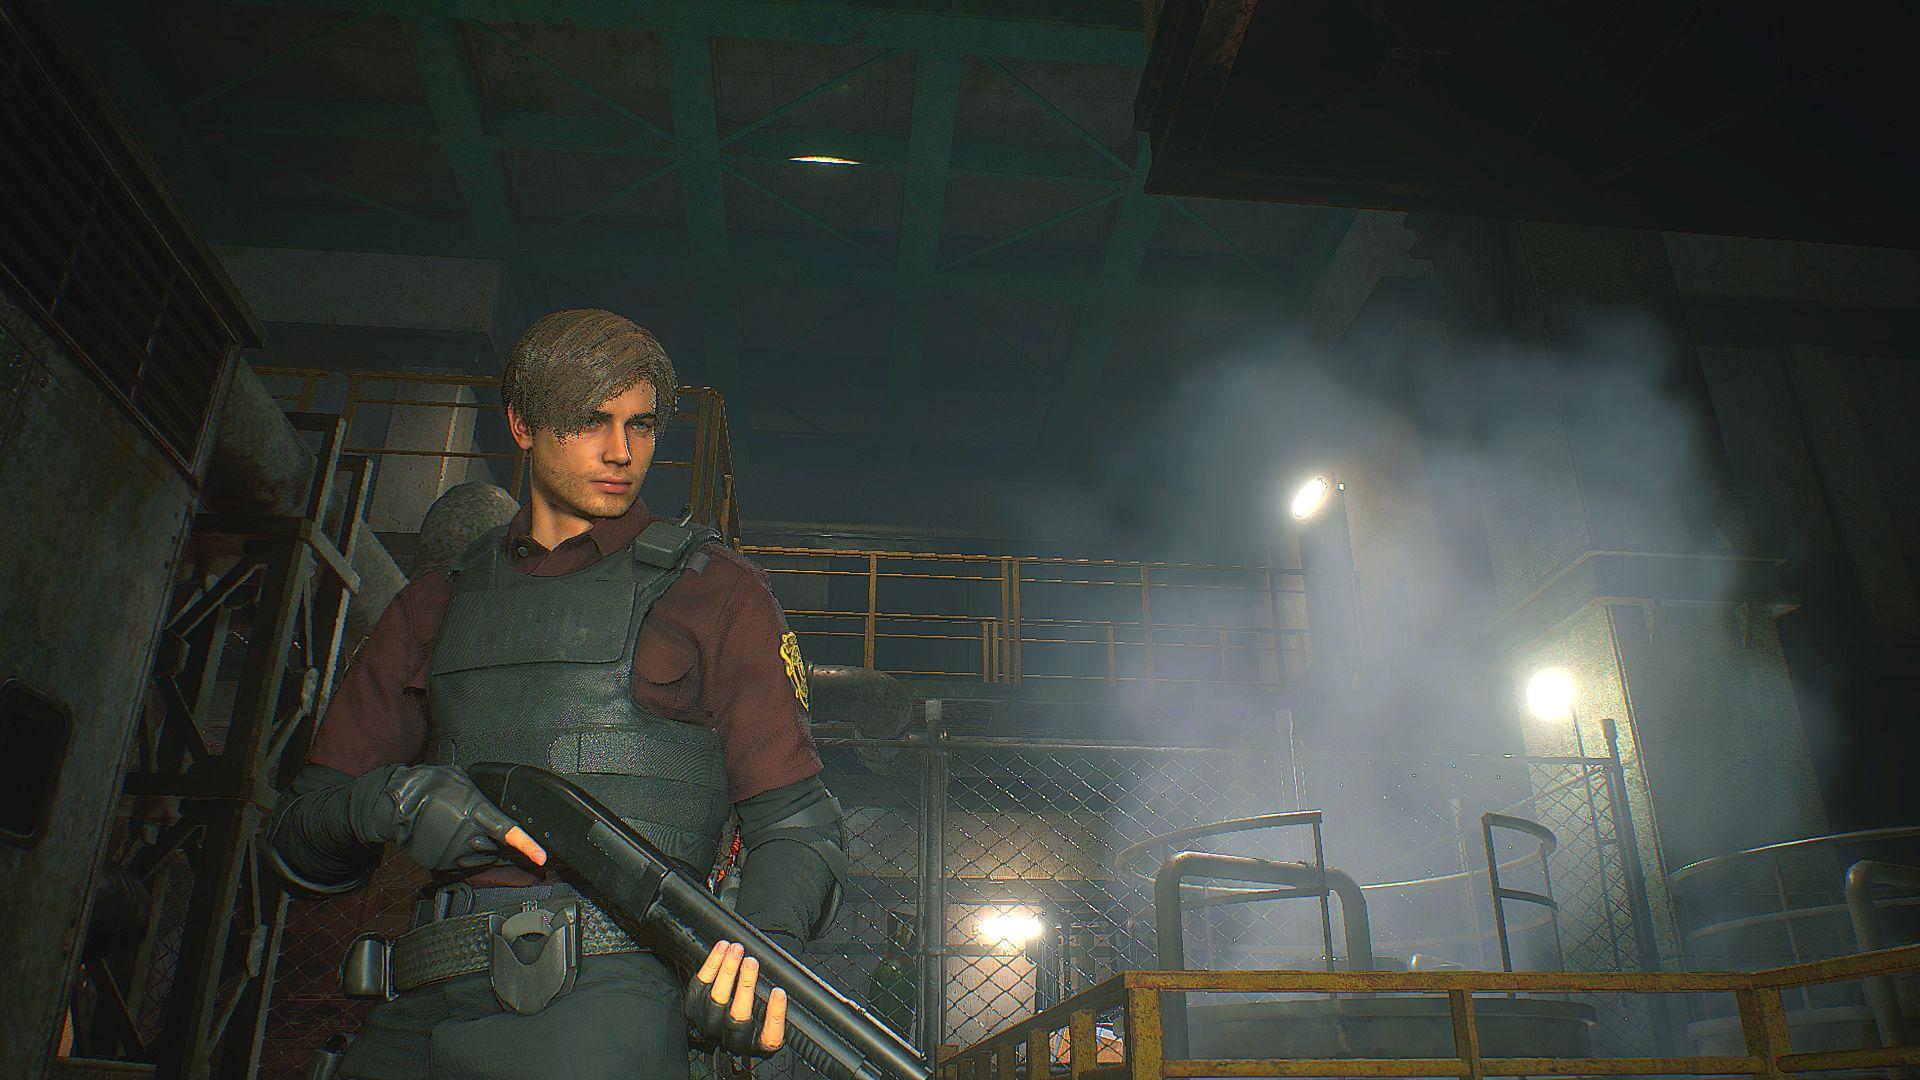 000728.Jpg - Resident Evil 2